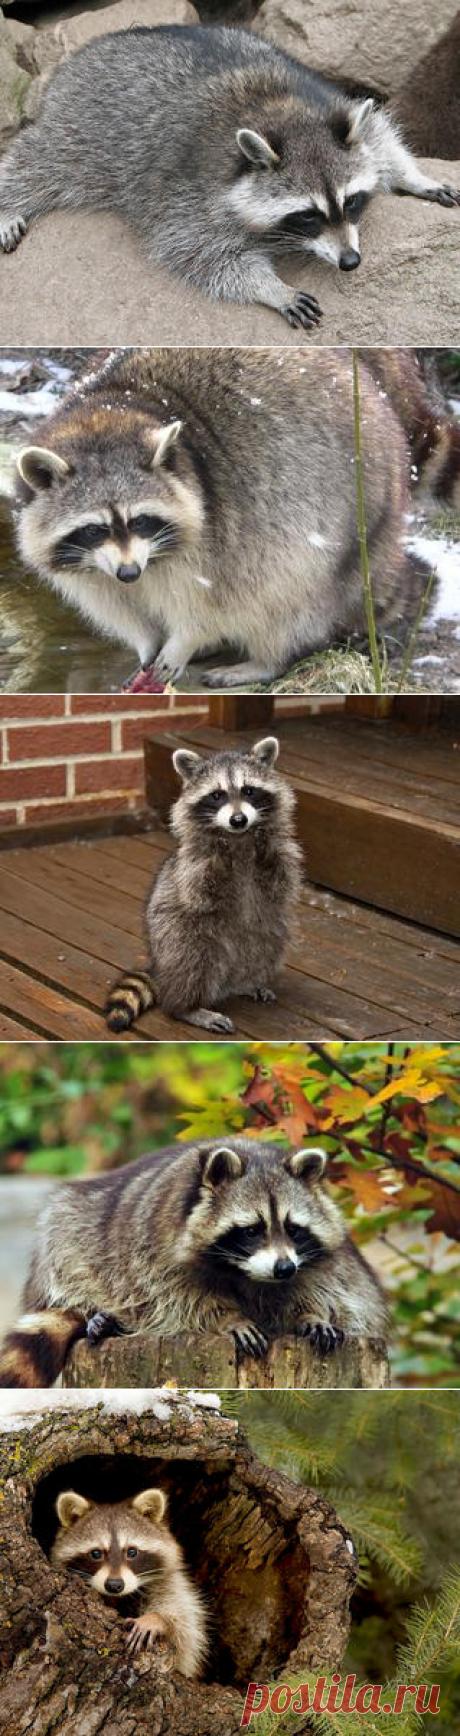 Смотреть изображения енотов | Зооляндия